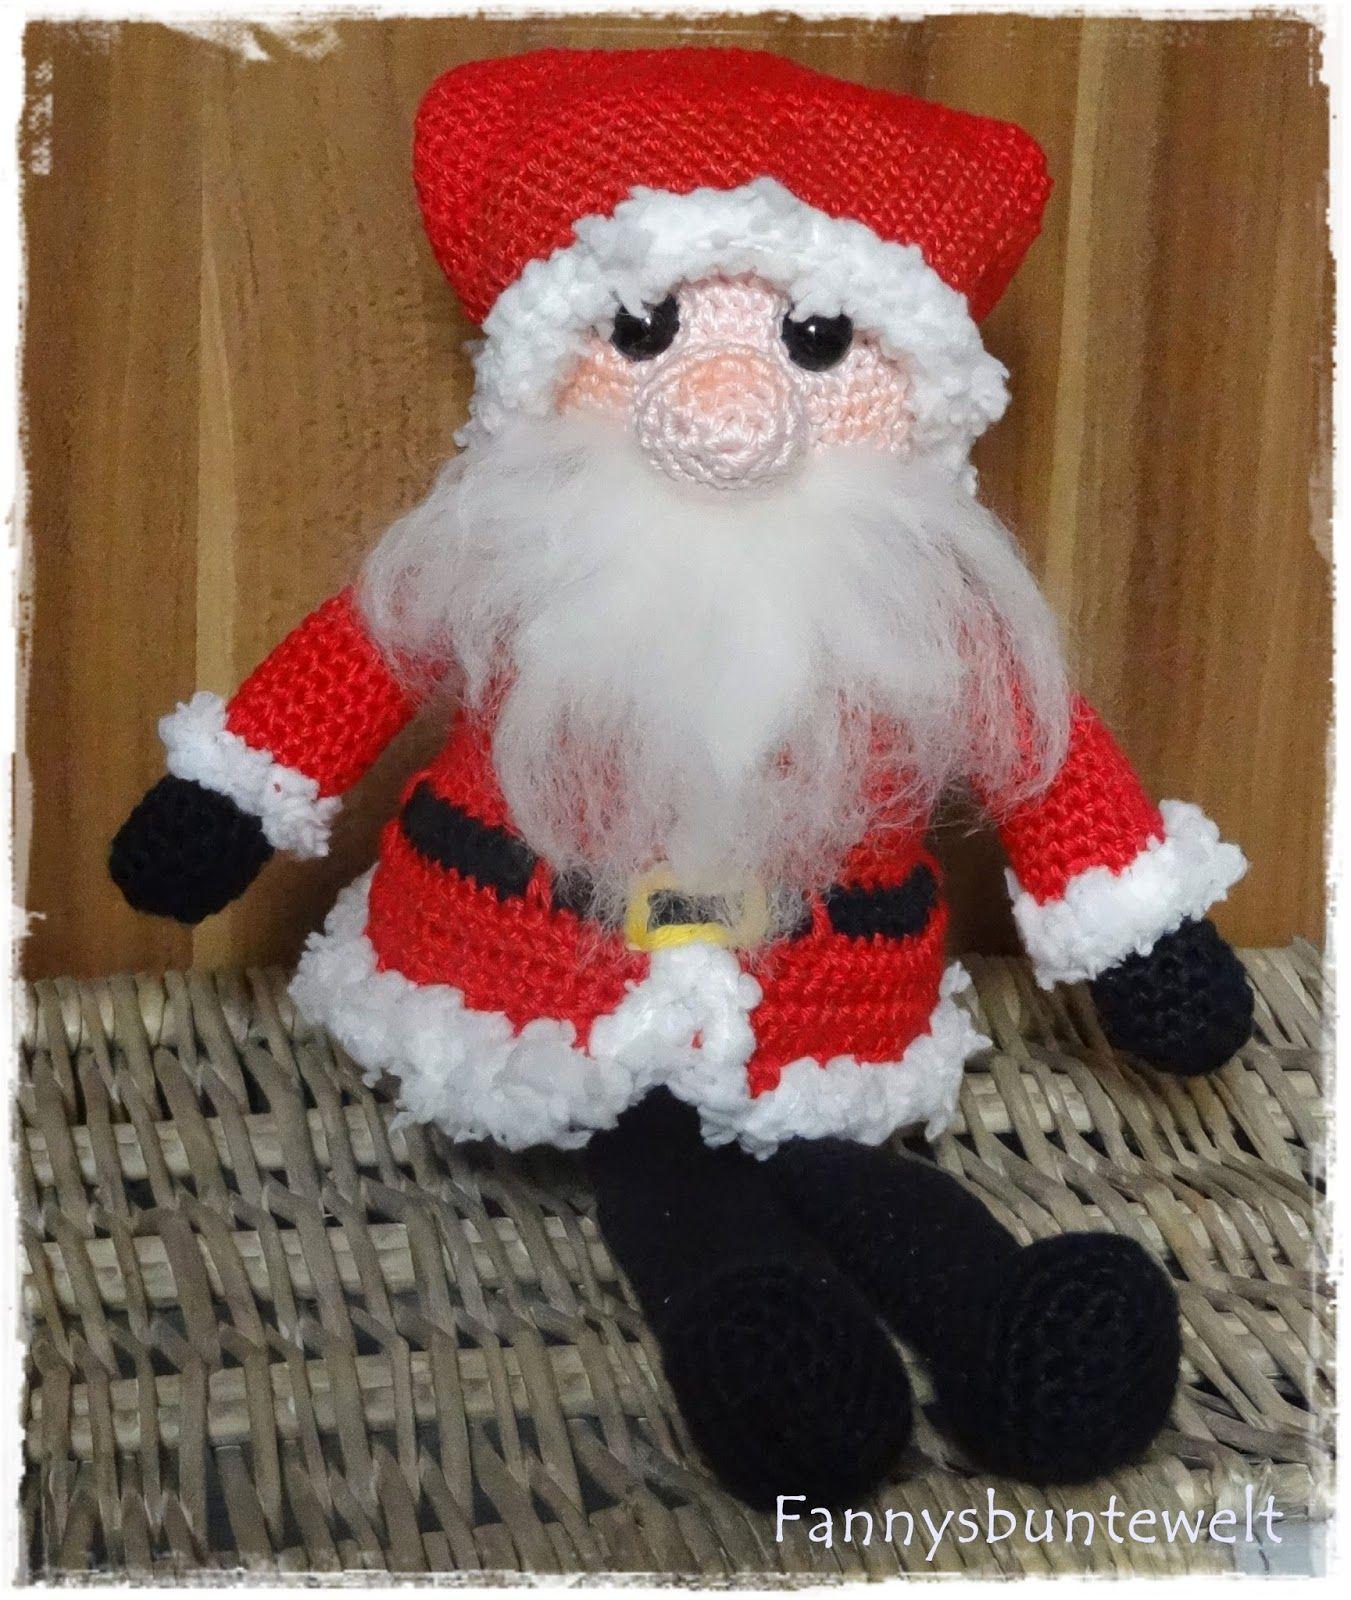 Fannysbuntewelt Kostenlose Anleitungen Weihnachtsmann Oma Petra